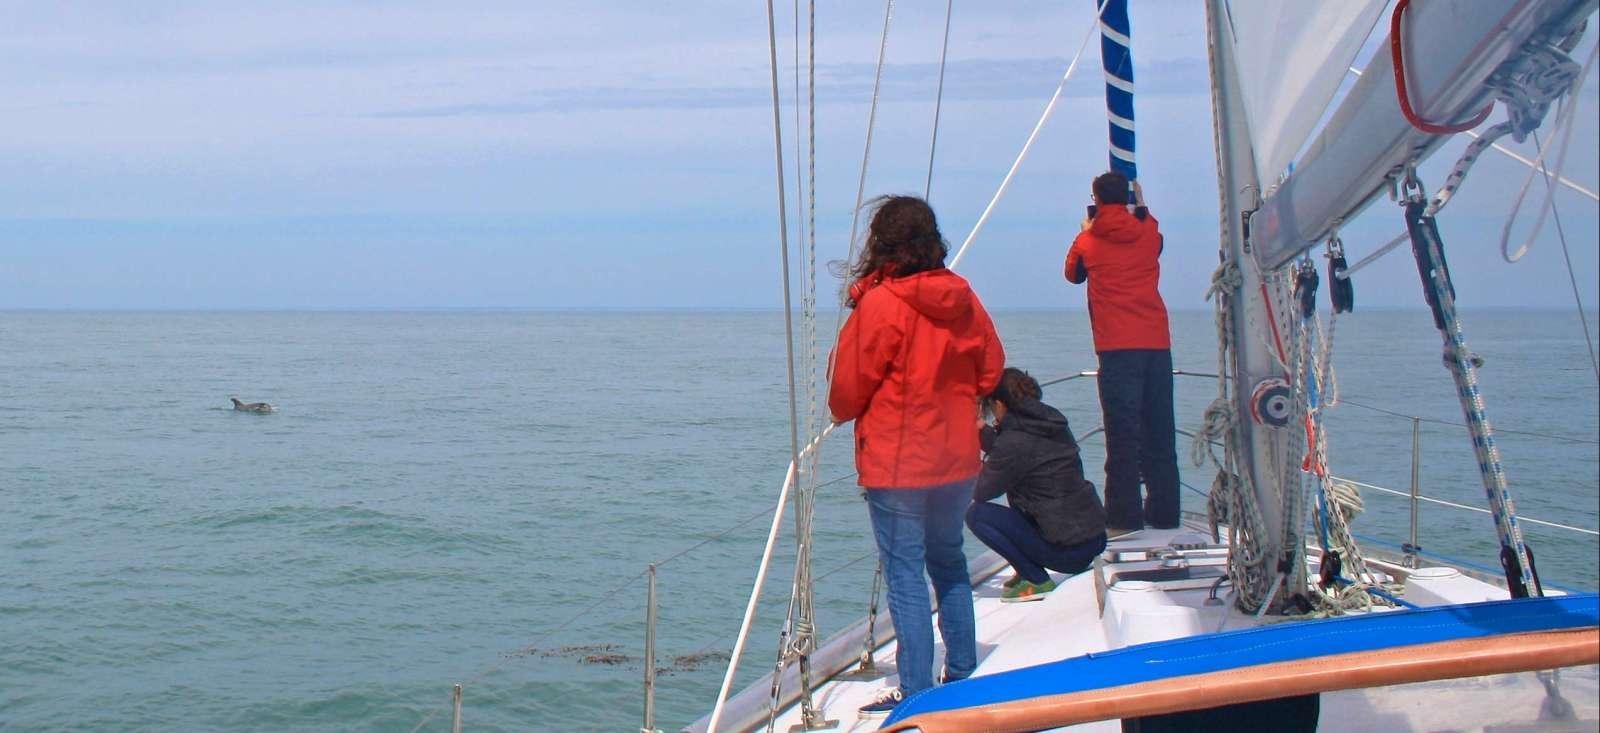 Voyage sur l'eau : Cap sur Jersey en voilier !